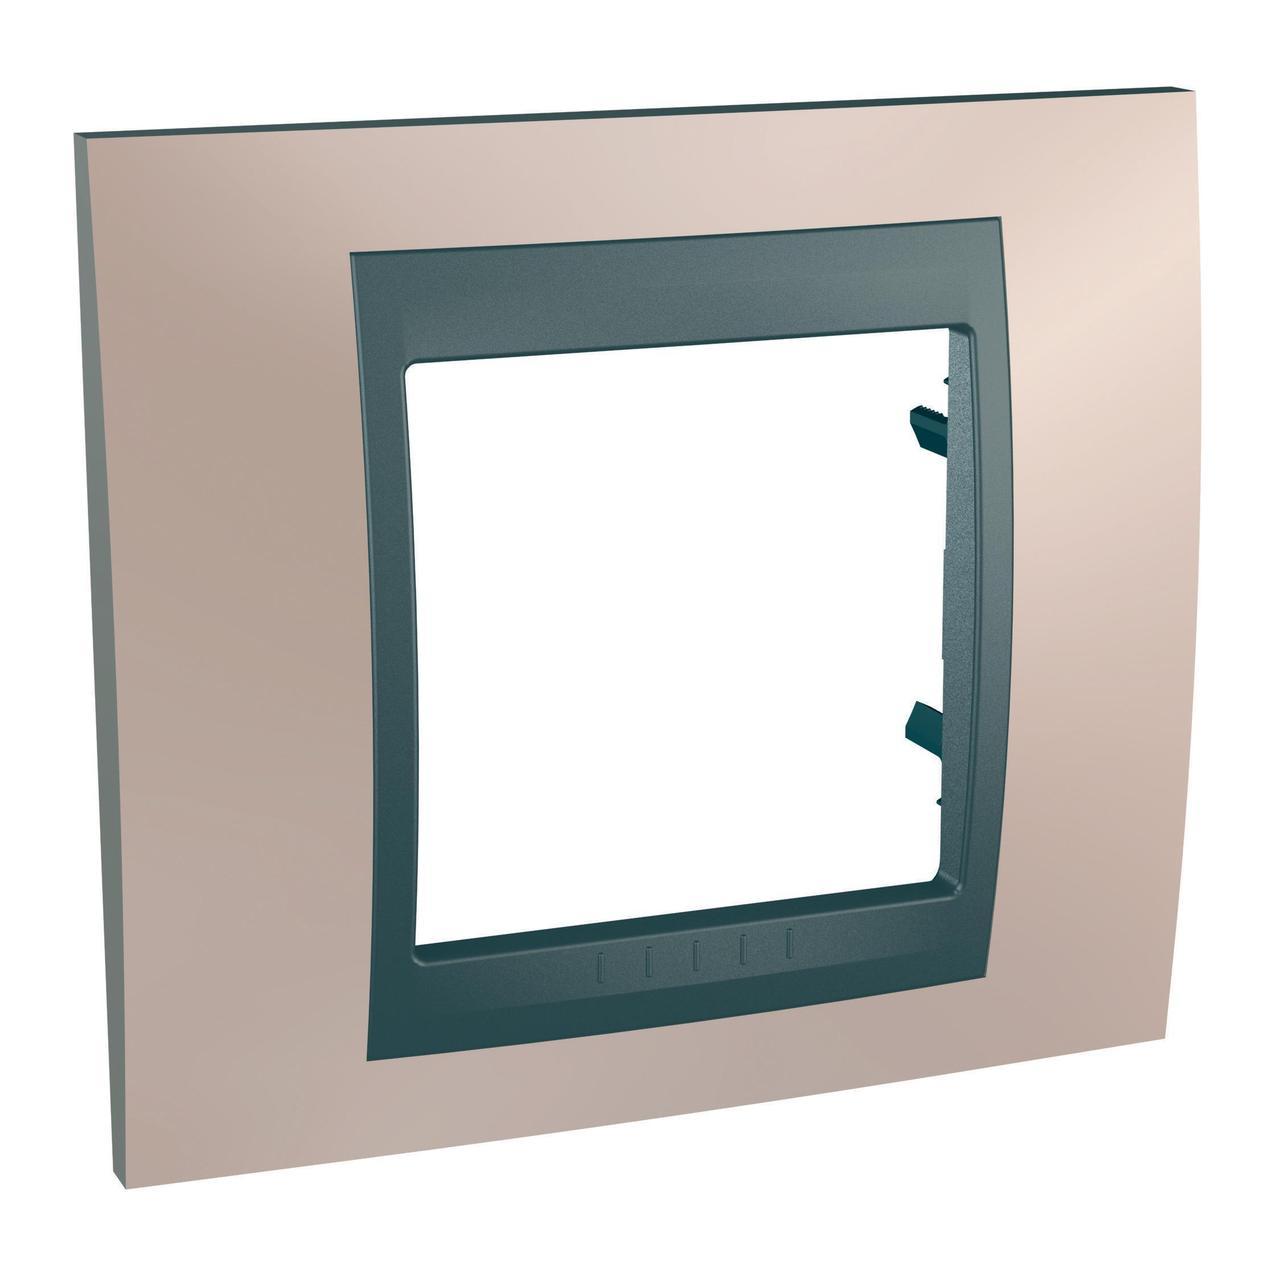 Рамка 1-ая (одинарная), Оникс/Графит (металл), серия UNICA TOP/CLASS, Schneider Electric